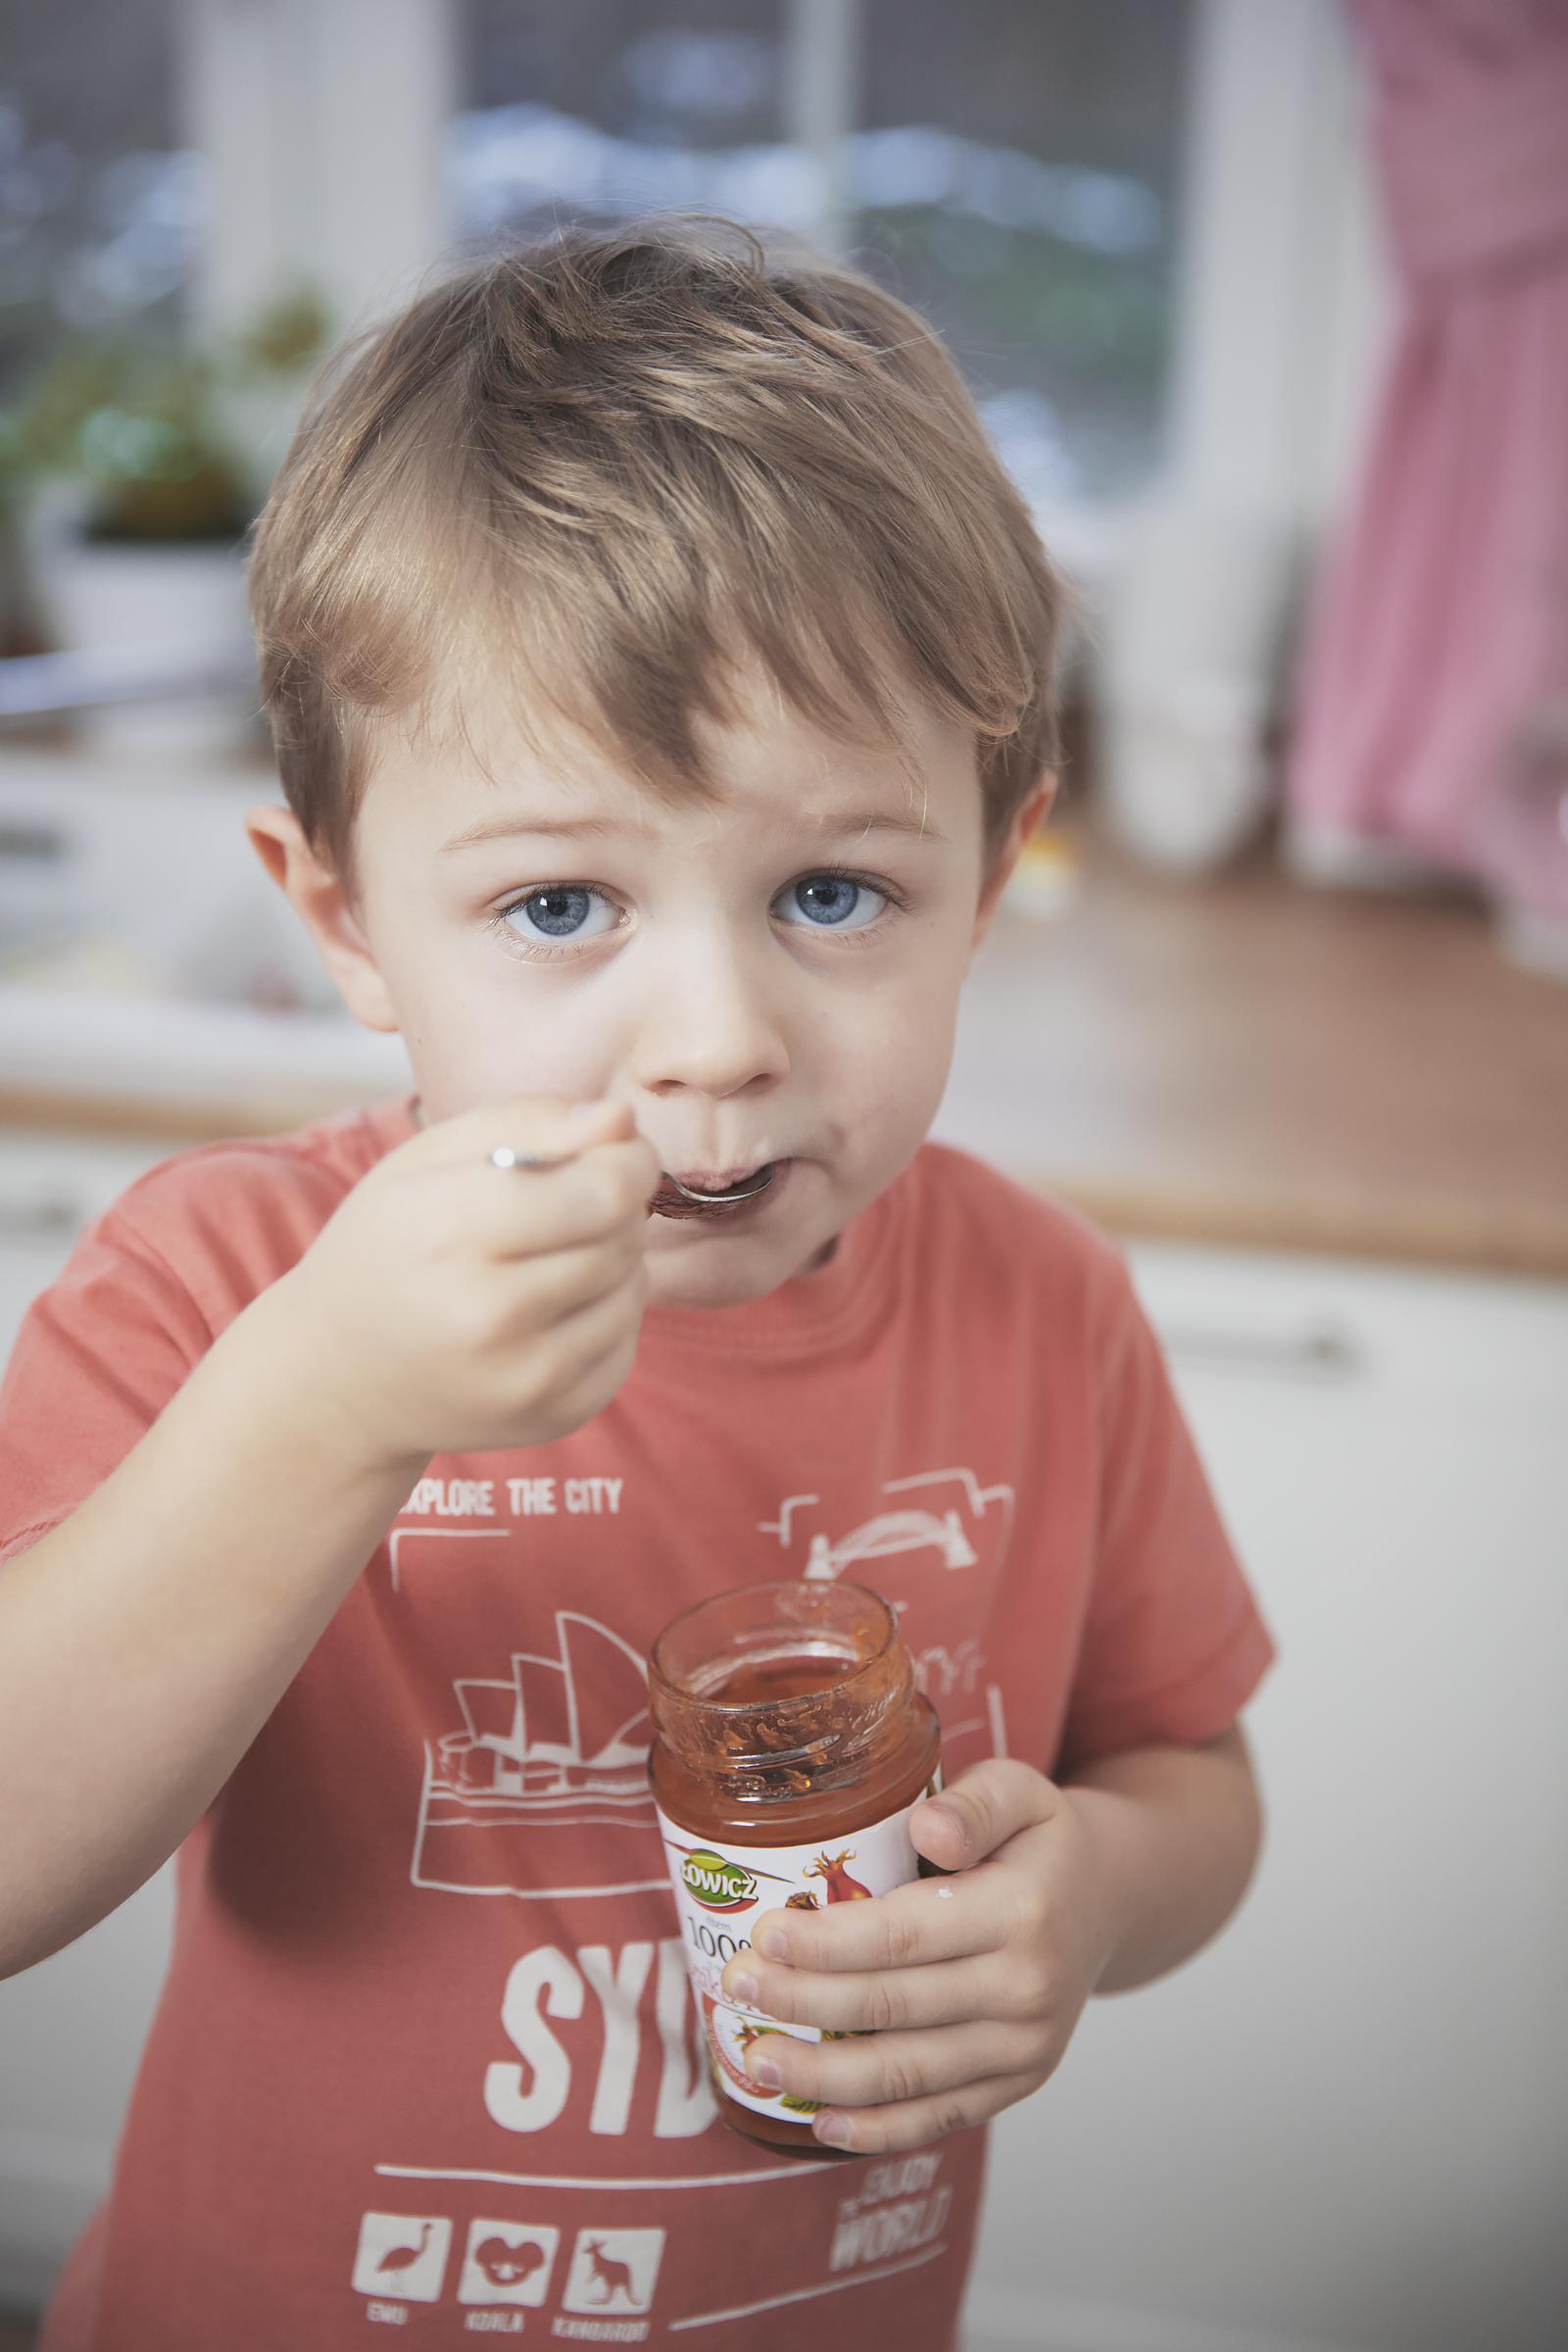 lowicz-deser-na-sniadanie-najlepszy-blog-parentingowy6